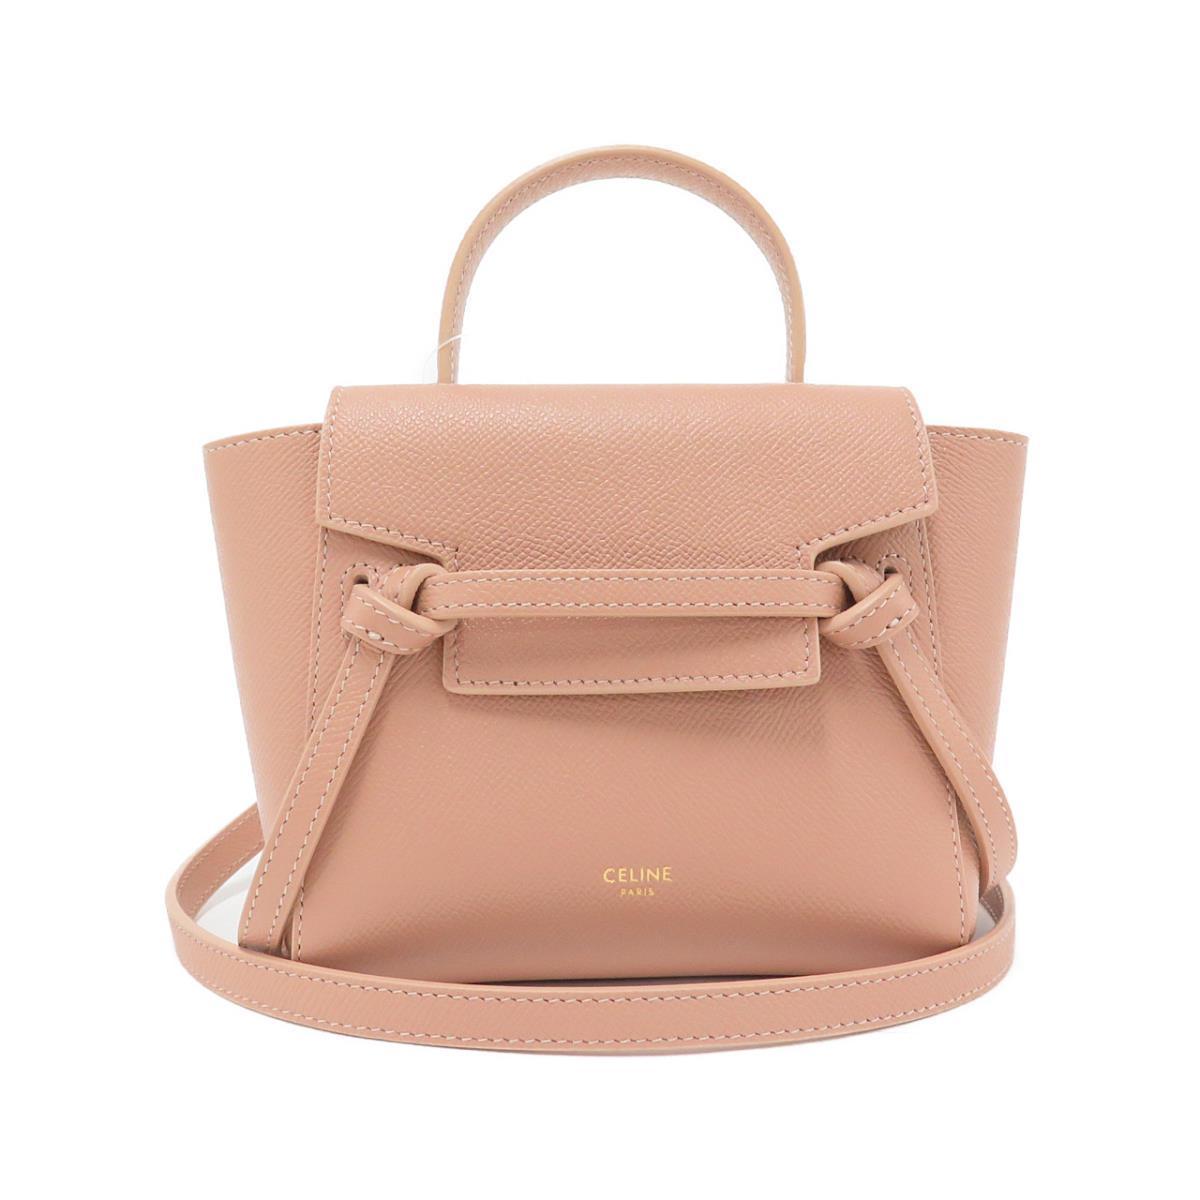 セリーヌのベルトバッグ